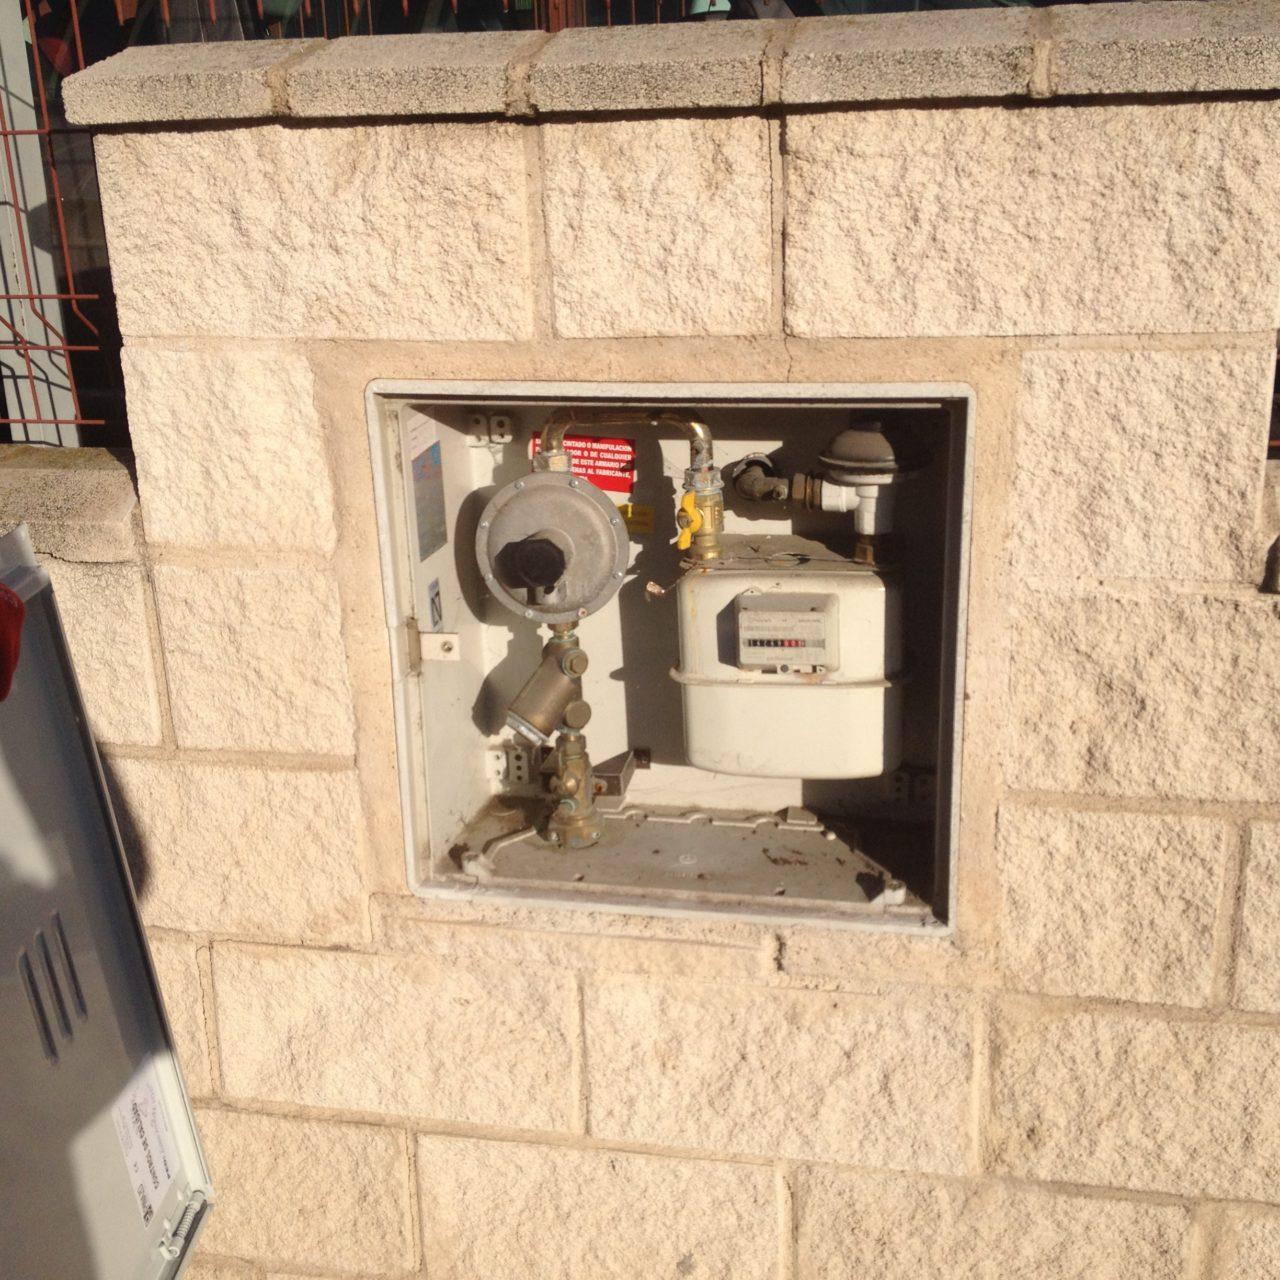 Puertas universales para armarios del gas